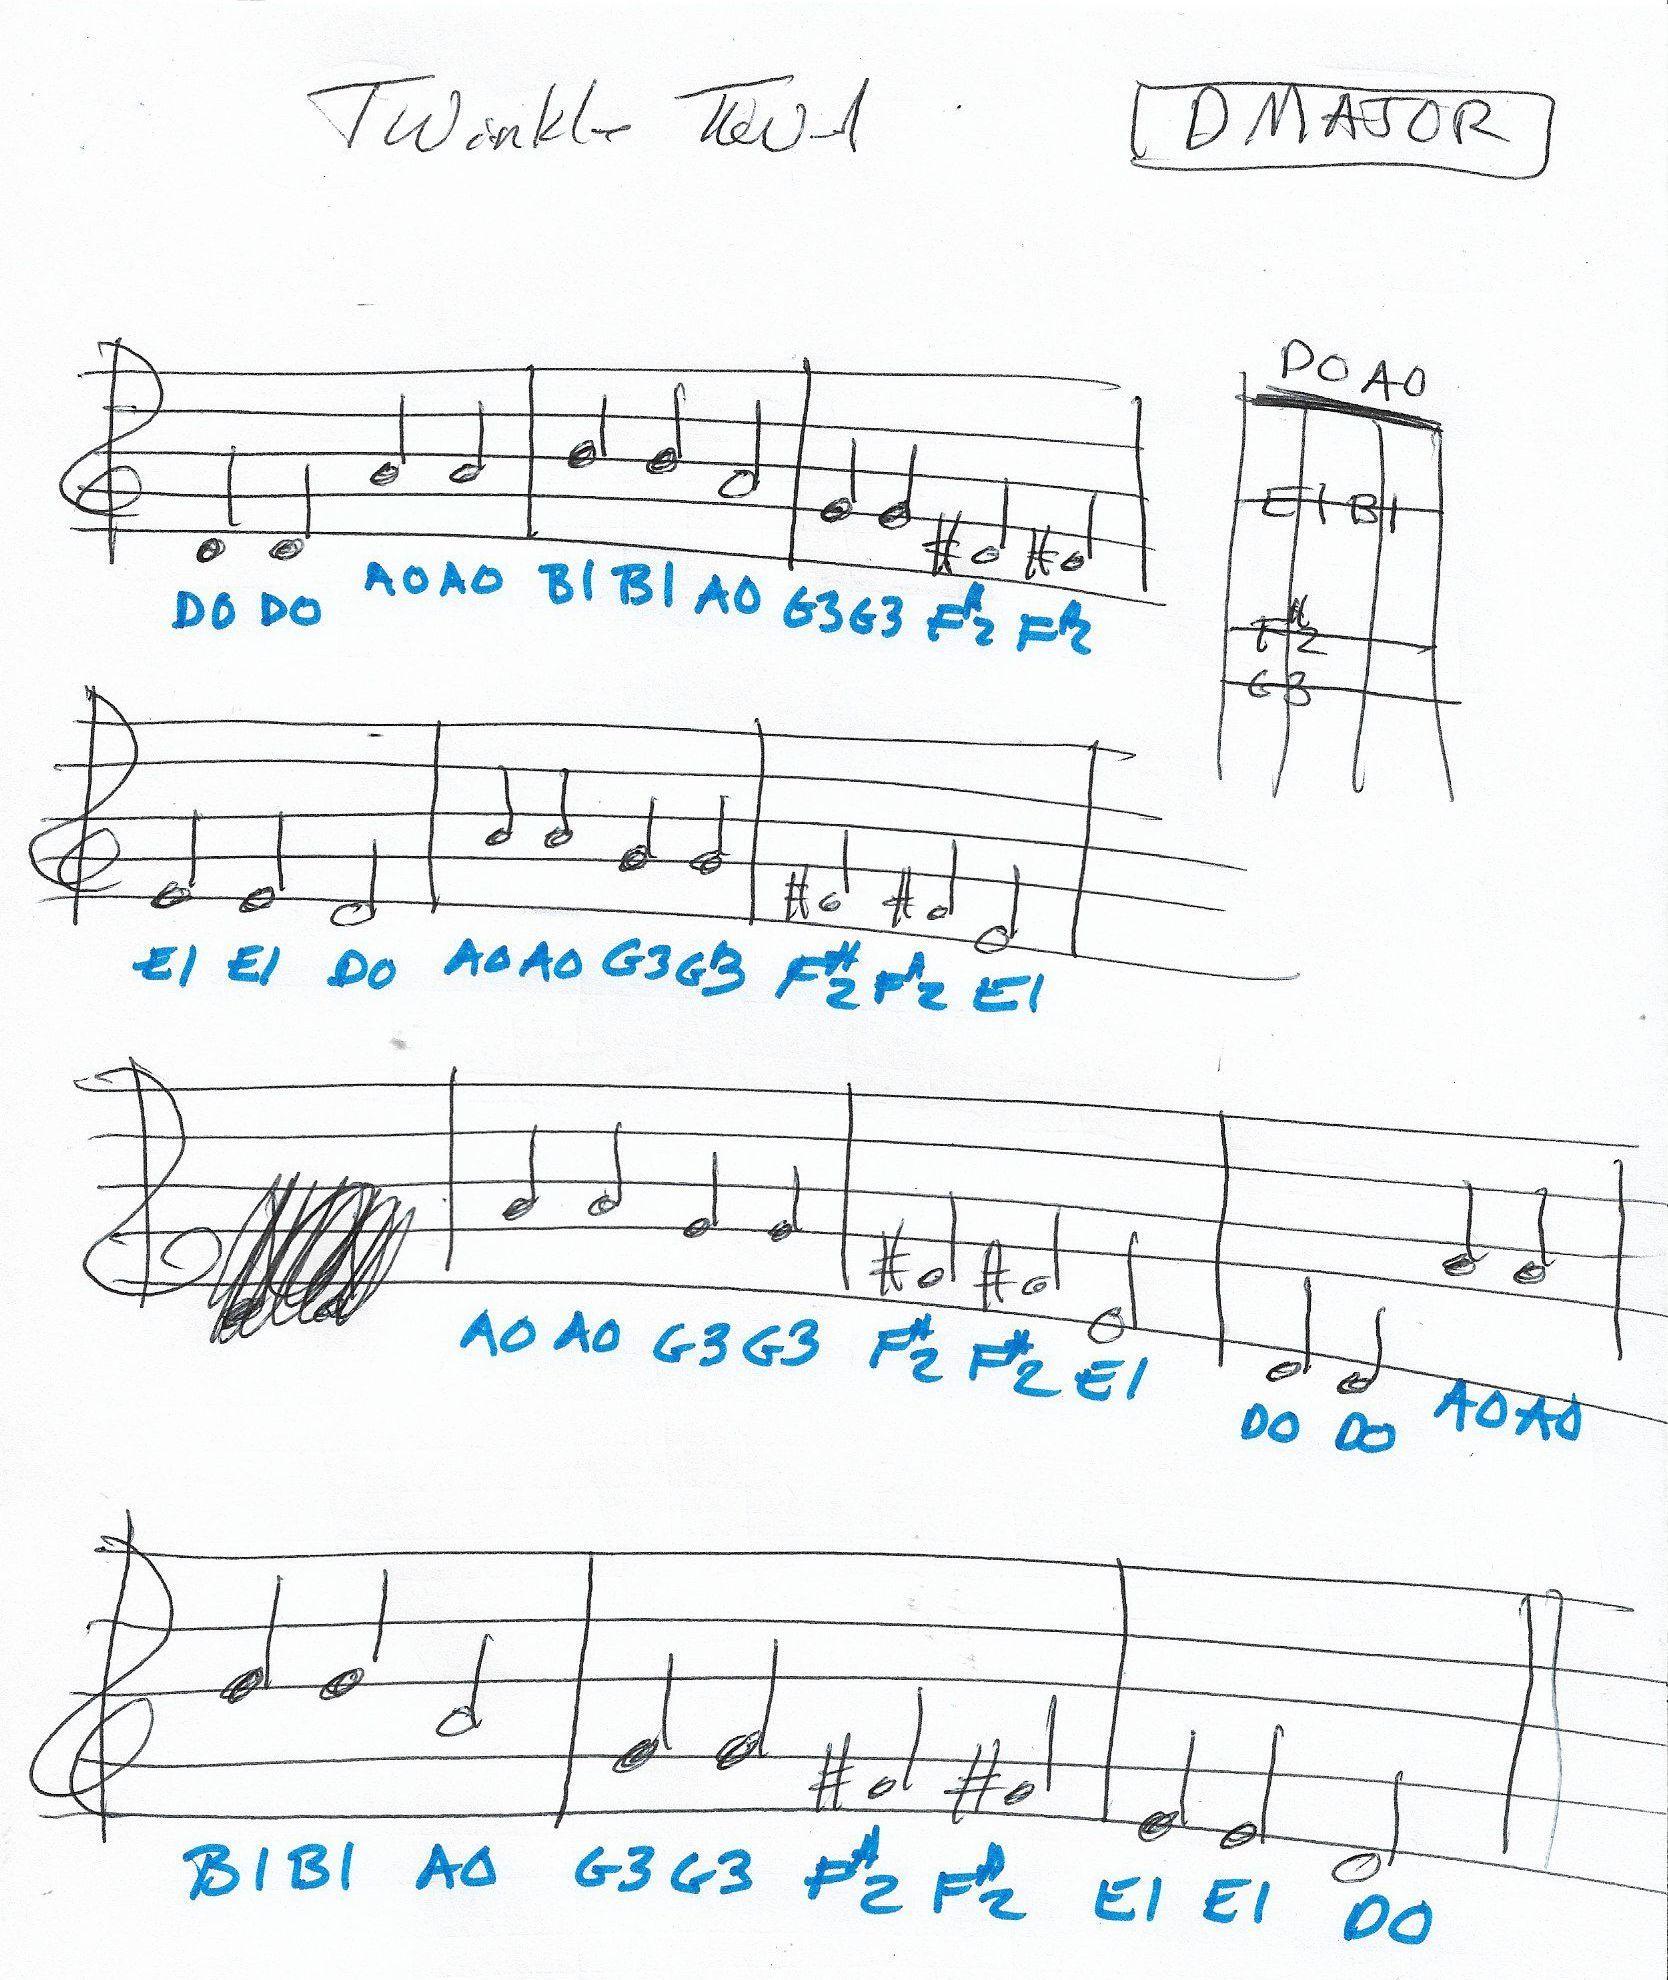 Twinkle twinkle little star violin notes in d major